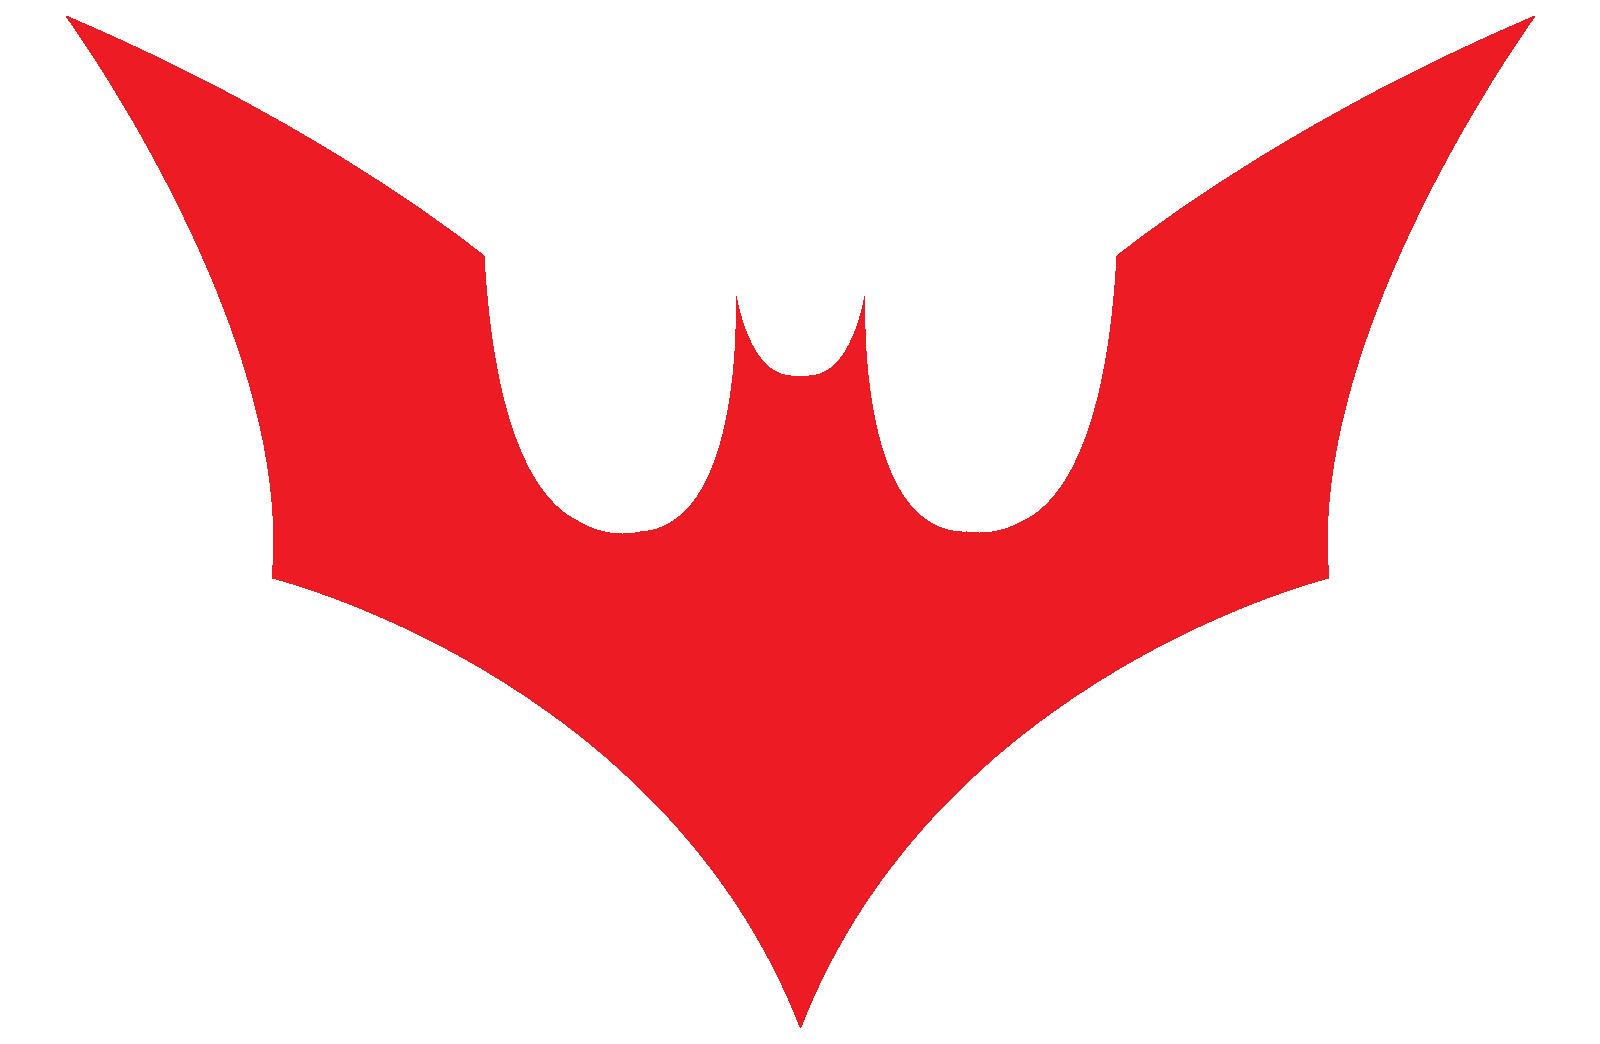 batwoman logo google search cosplay ideas batwoman